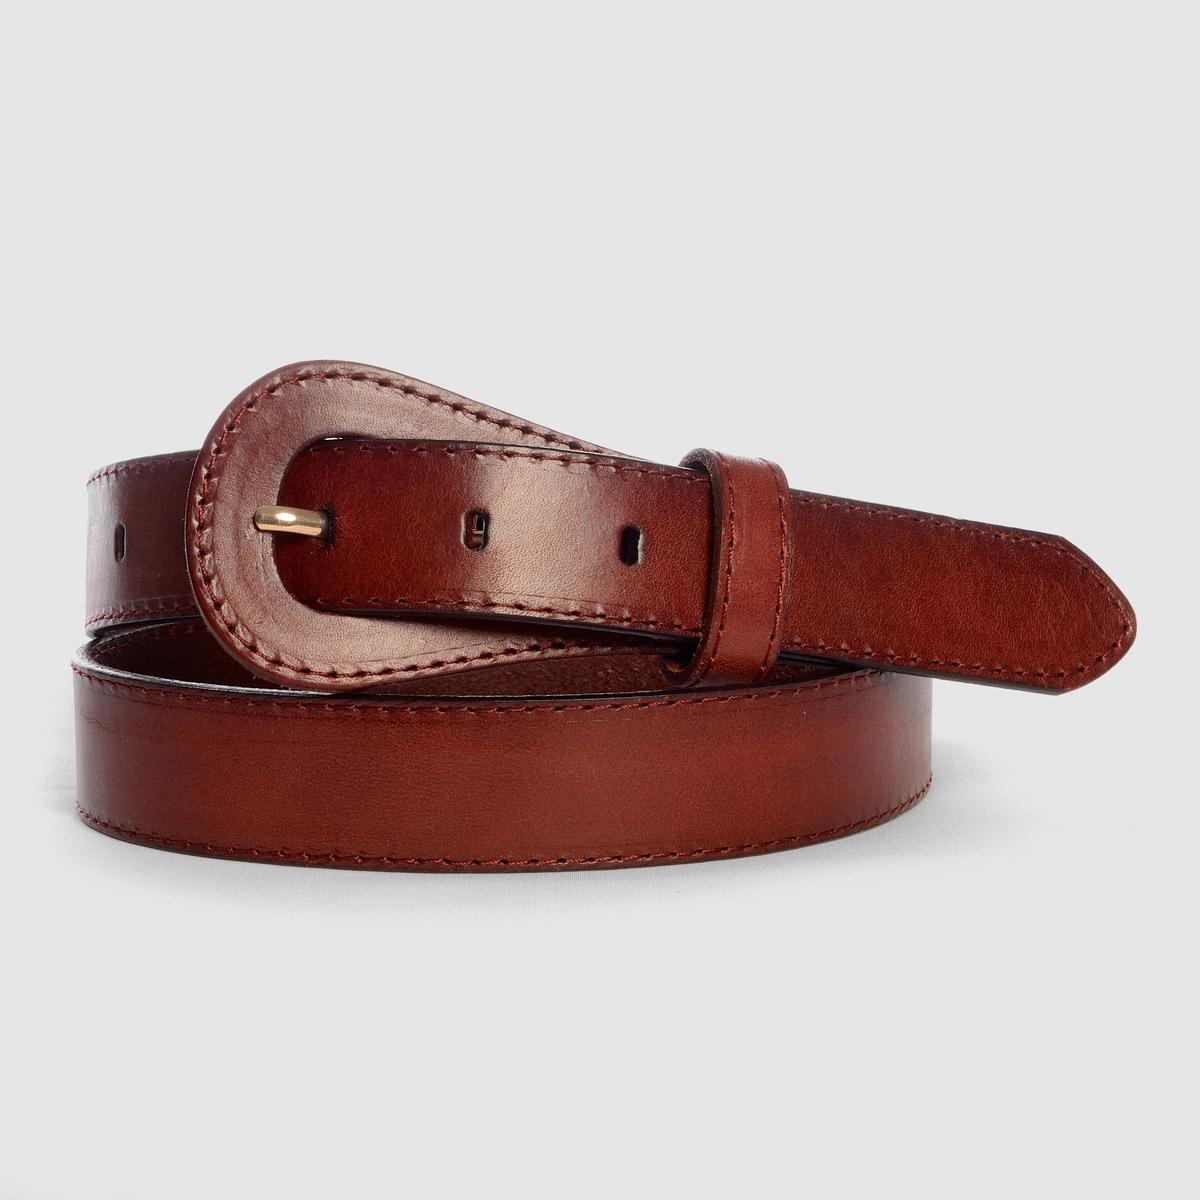 Cinturón de piel estilo vintage